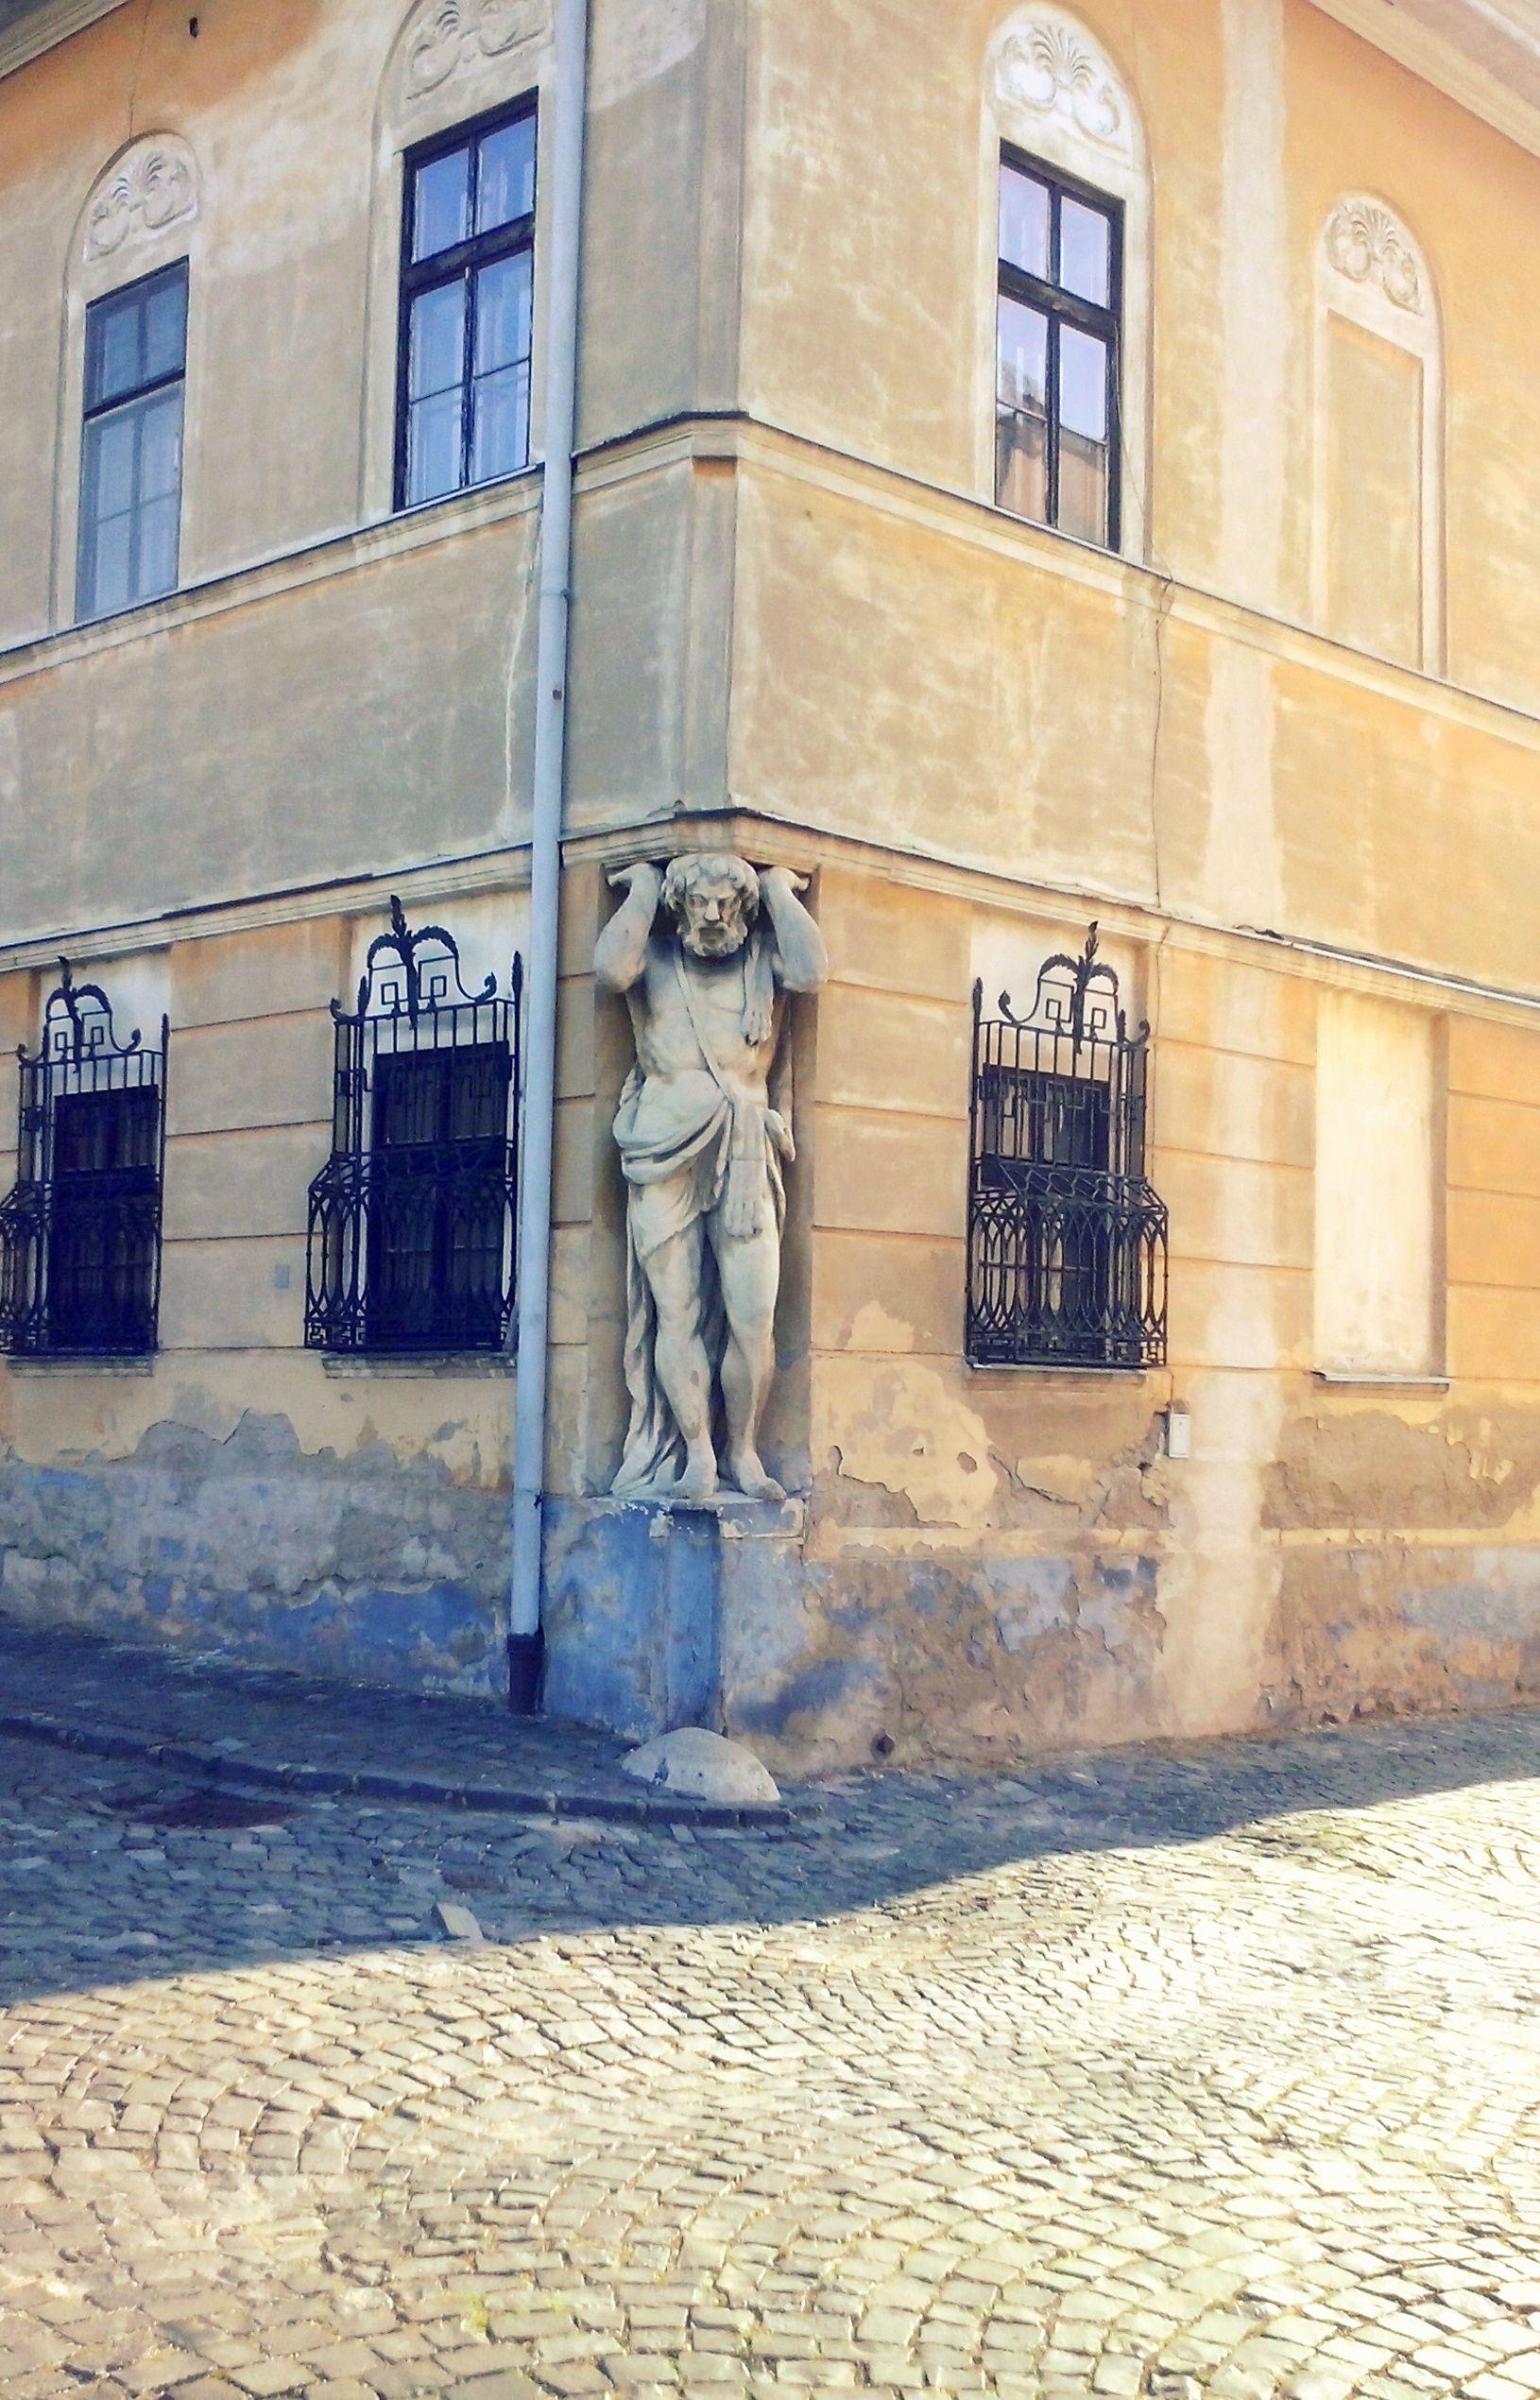 Žeby nejaký antický hrdina?  Je skvelé v meste nájsť aj pozostatky starej architektúry a vidieť ich udržiavané.